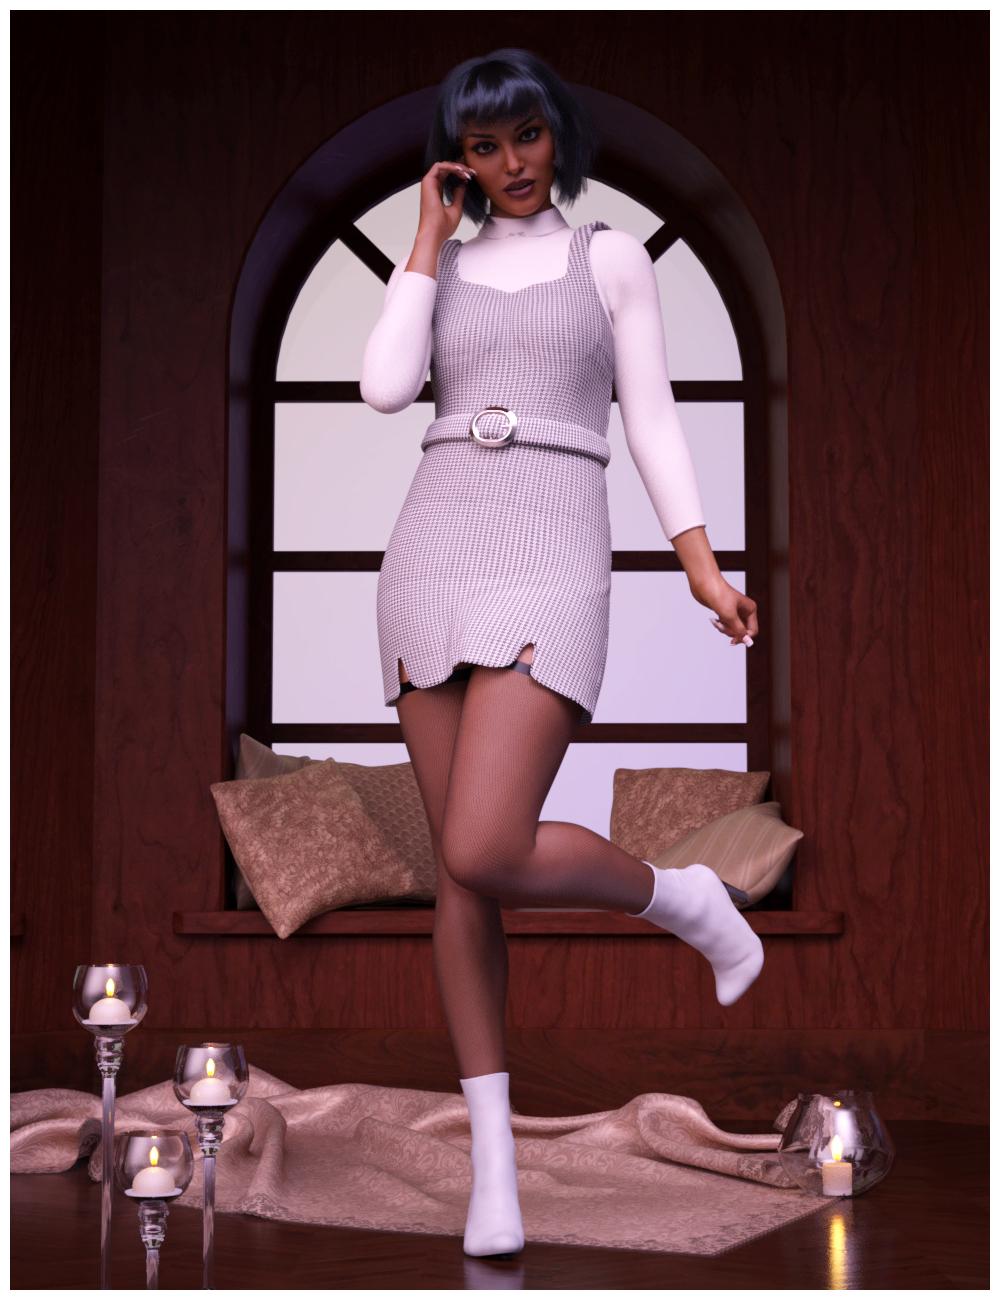 dForce Karine Mode for Genesis 8 Females by: Nathy, 3D Models by Daz 3D